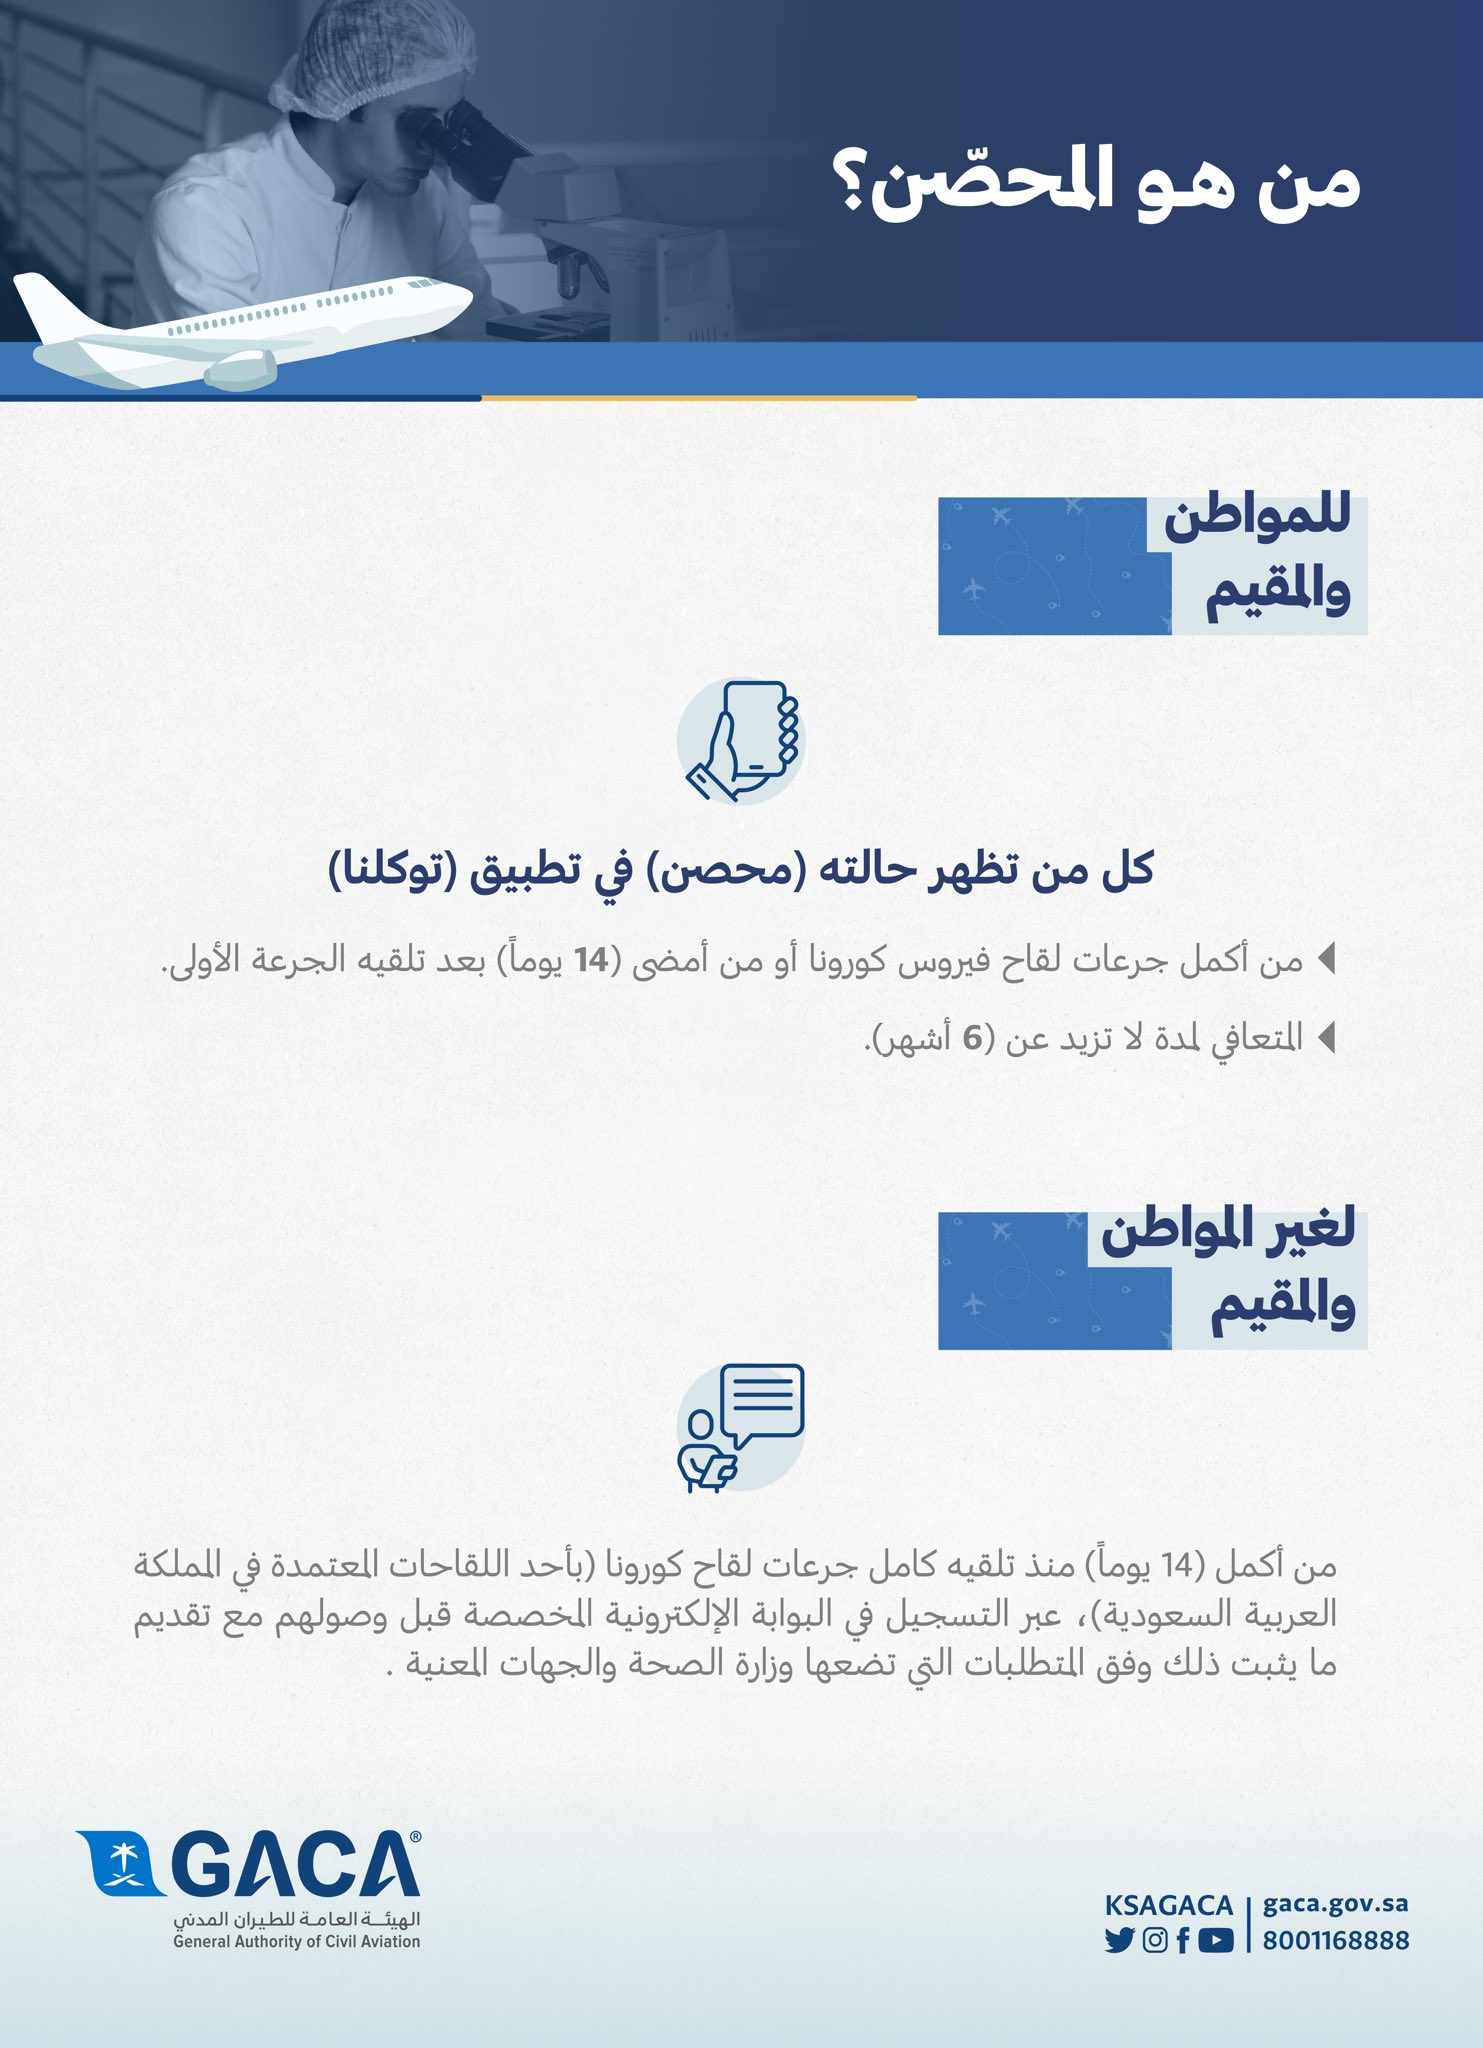 شروط تسجيل المسافرين إلى السعودية إلكترونيًا